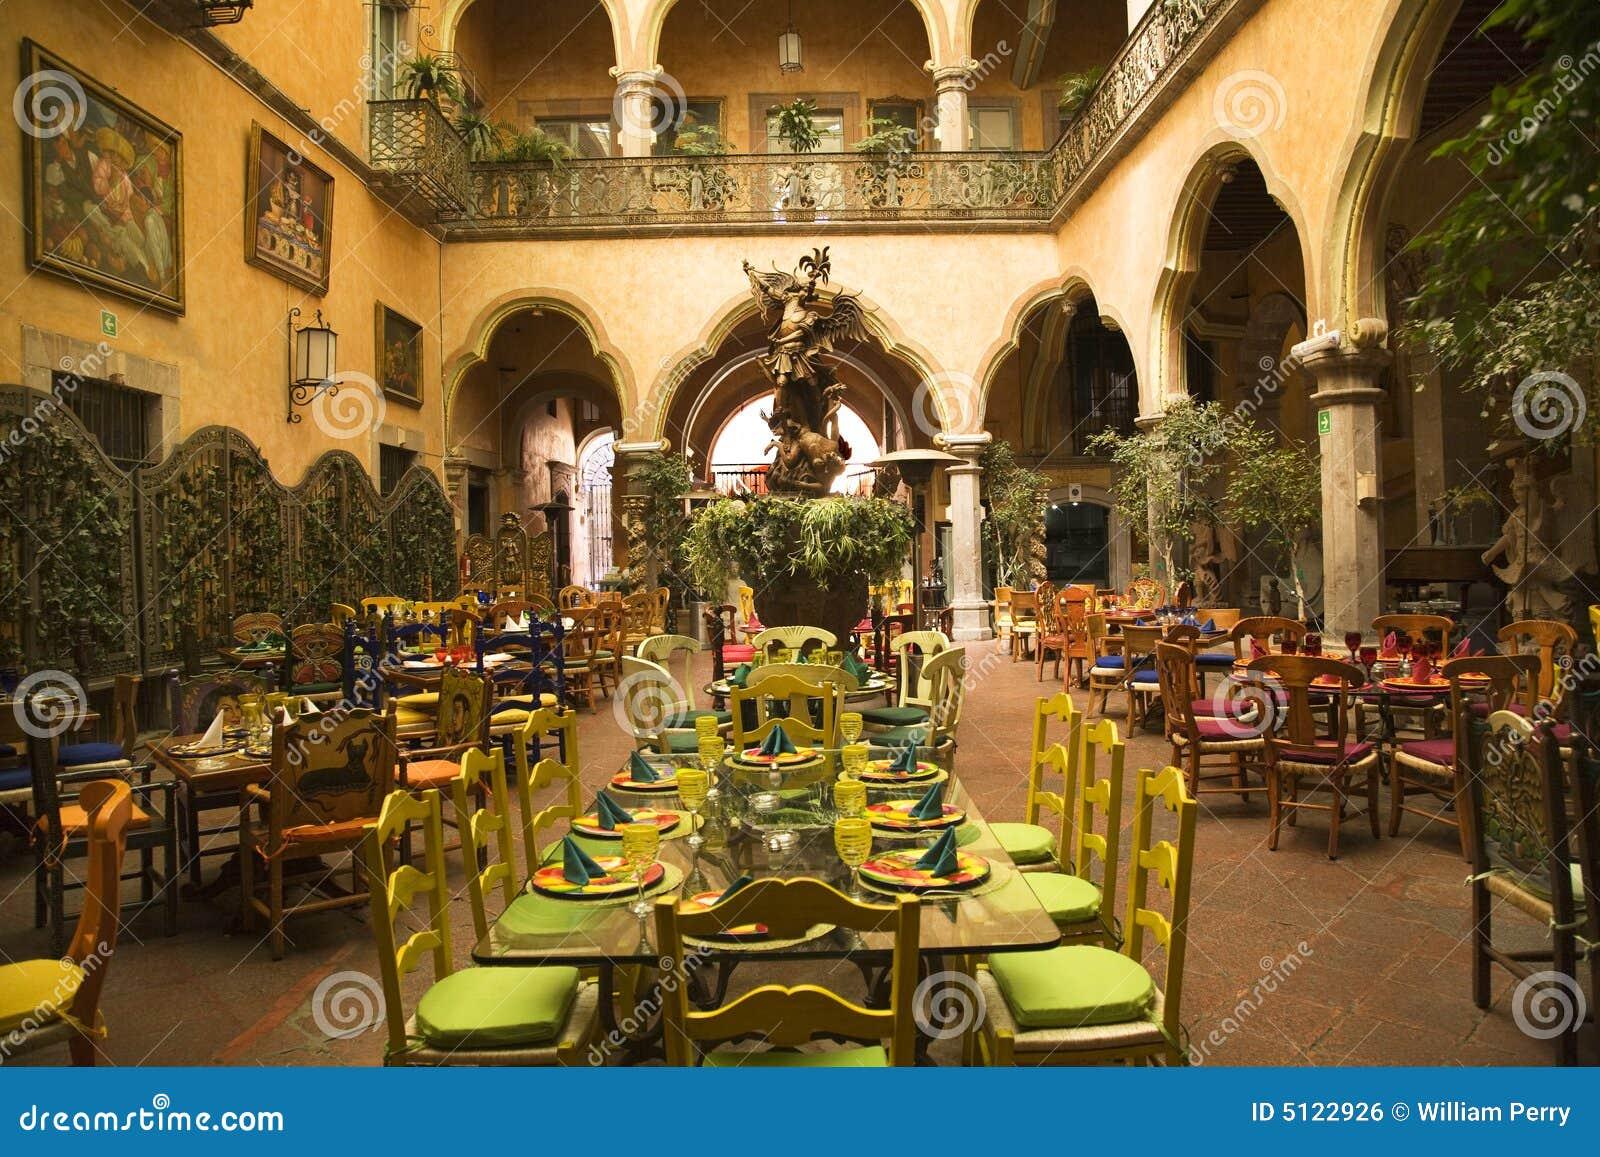 Restaurante Mexicano Queretaro México Del Patio Imagen de ...